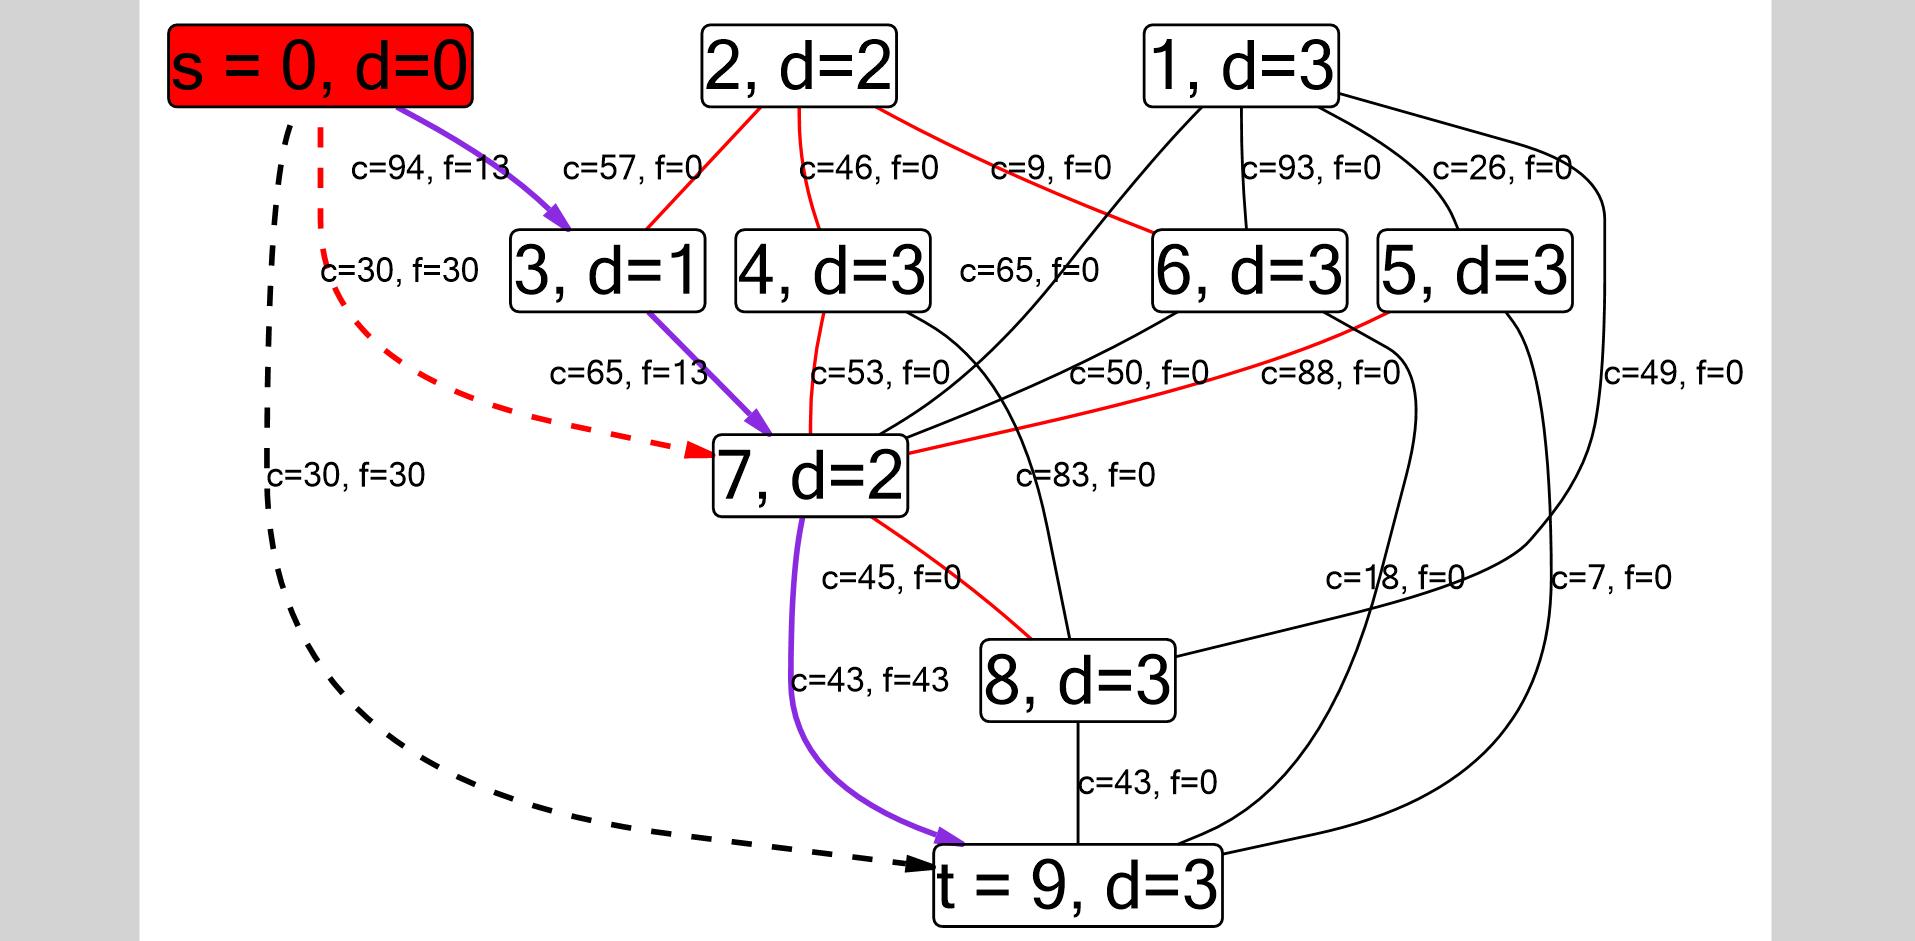 Отладка алгоритмов на графах — теперь с картинками - 1